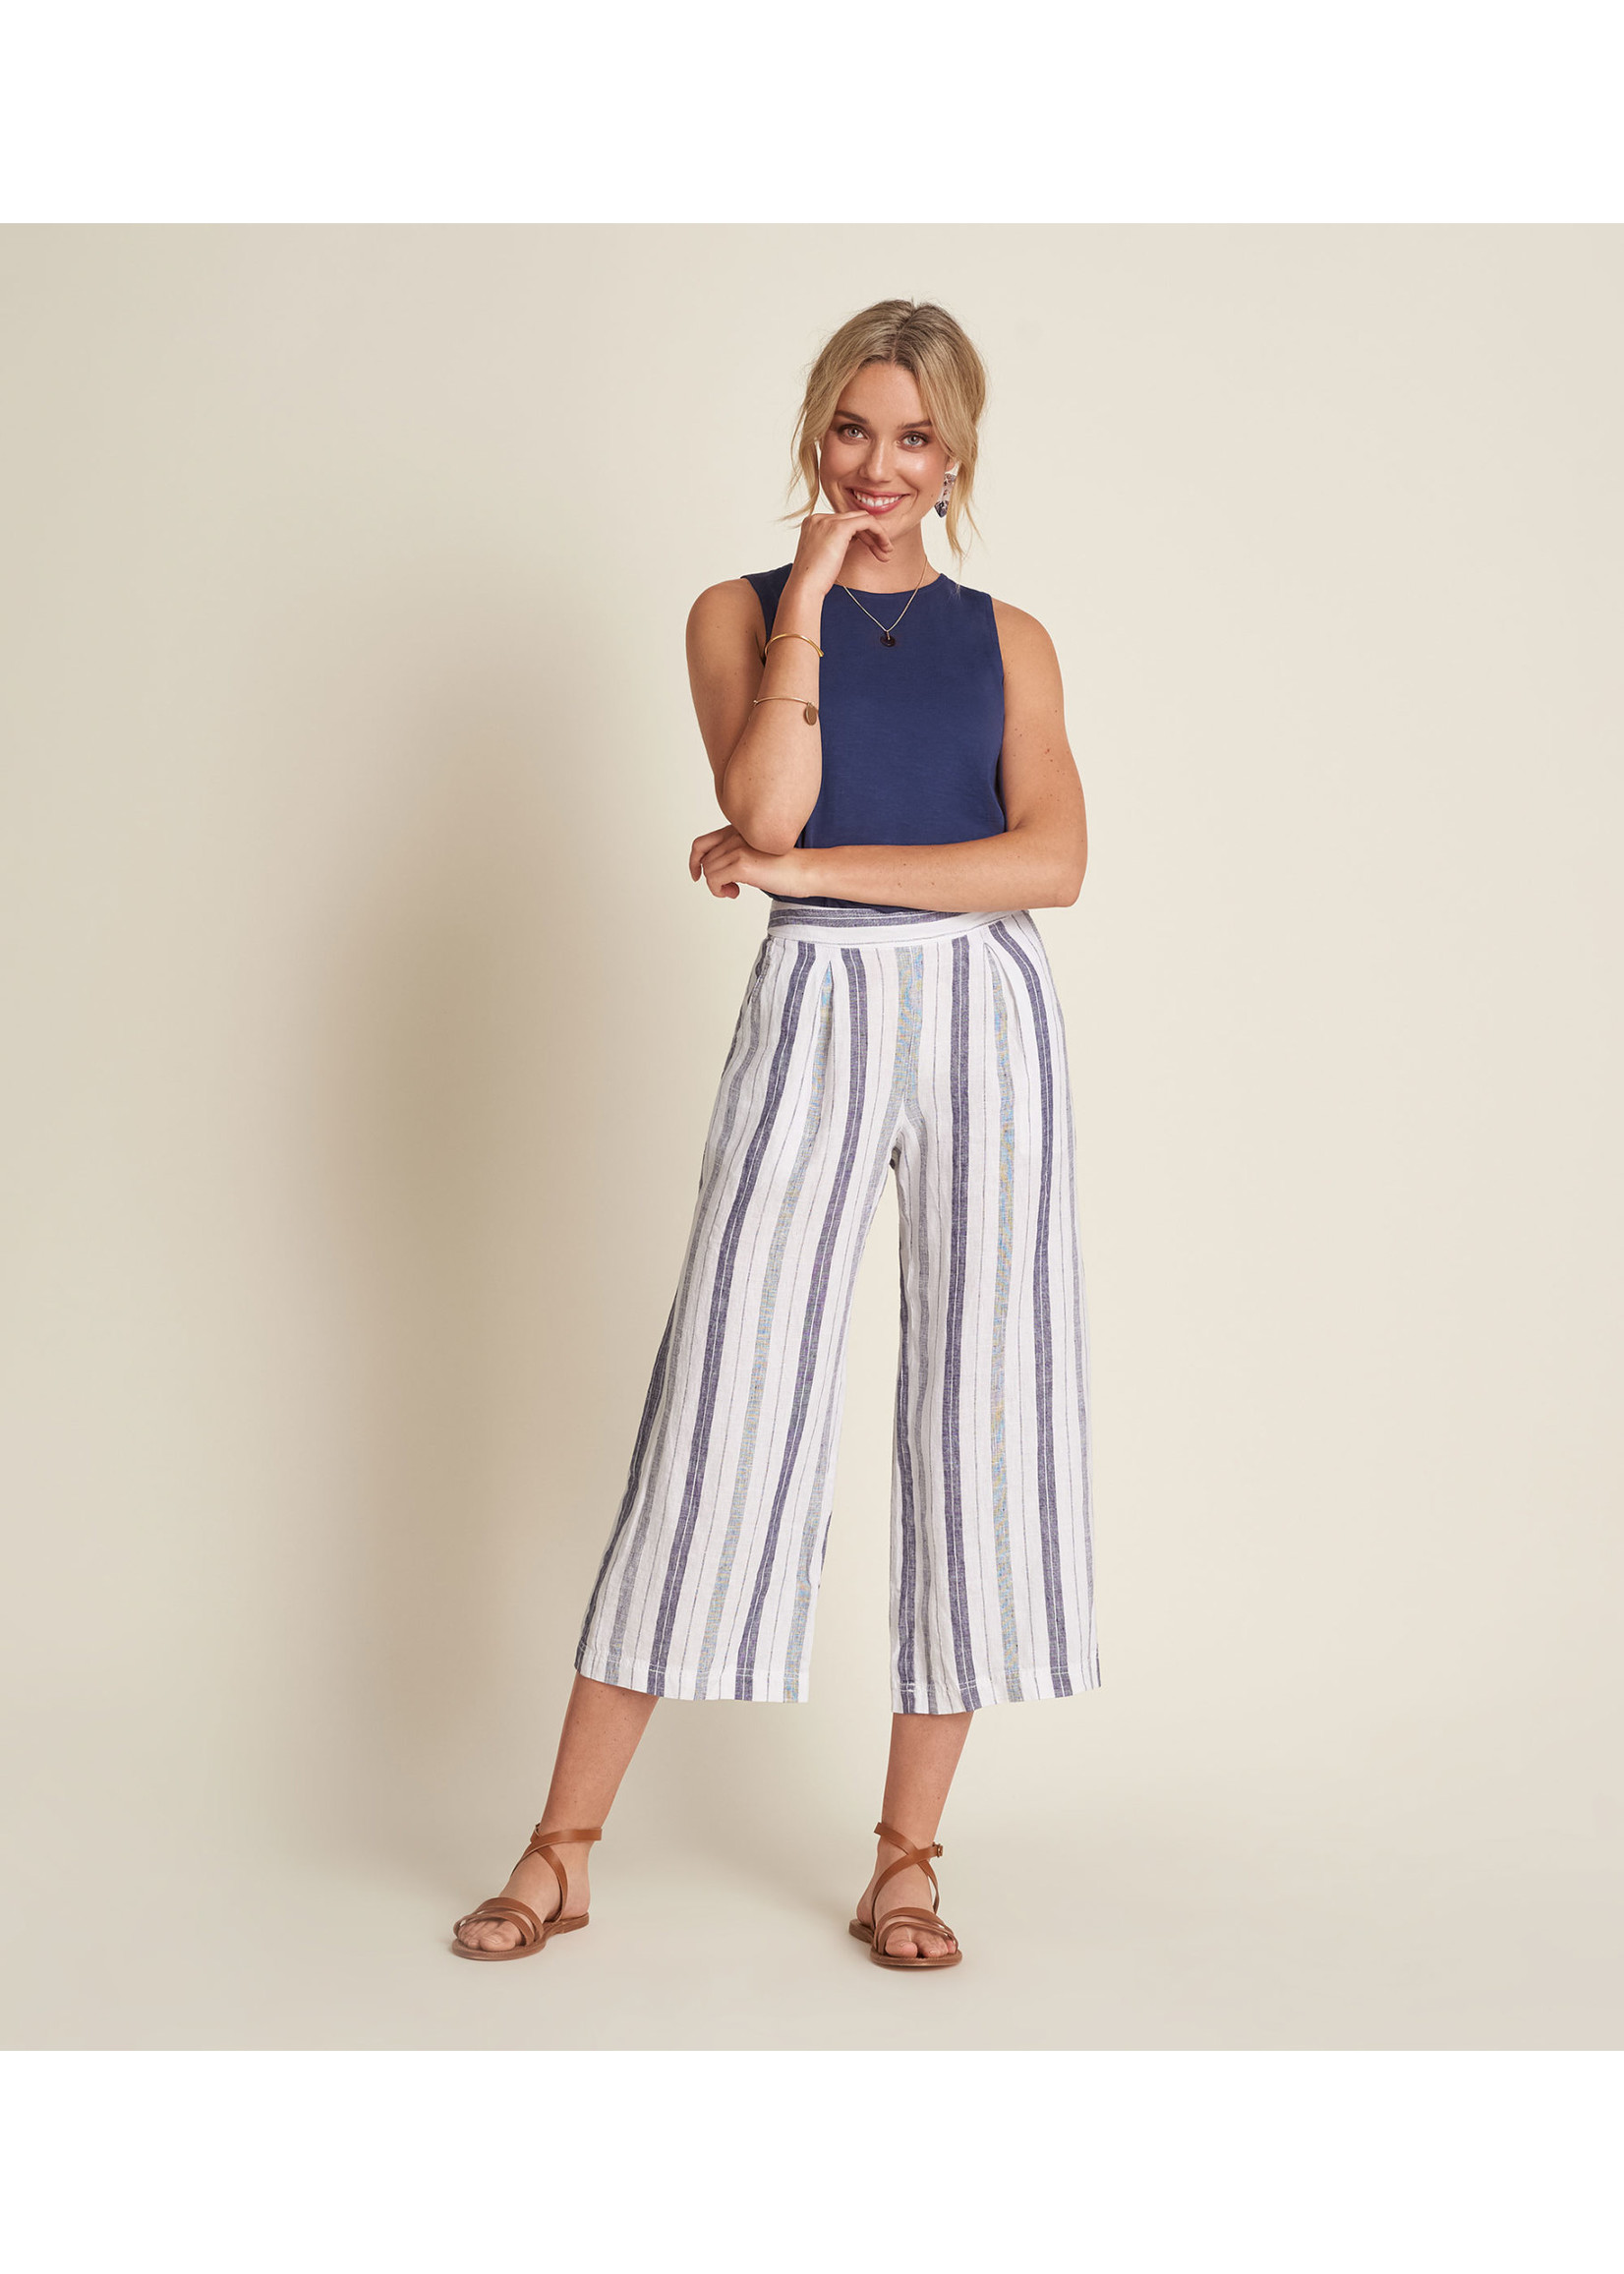 Hatley Cotton Linen Culottes